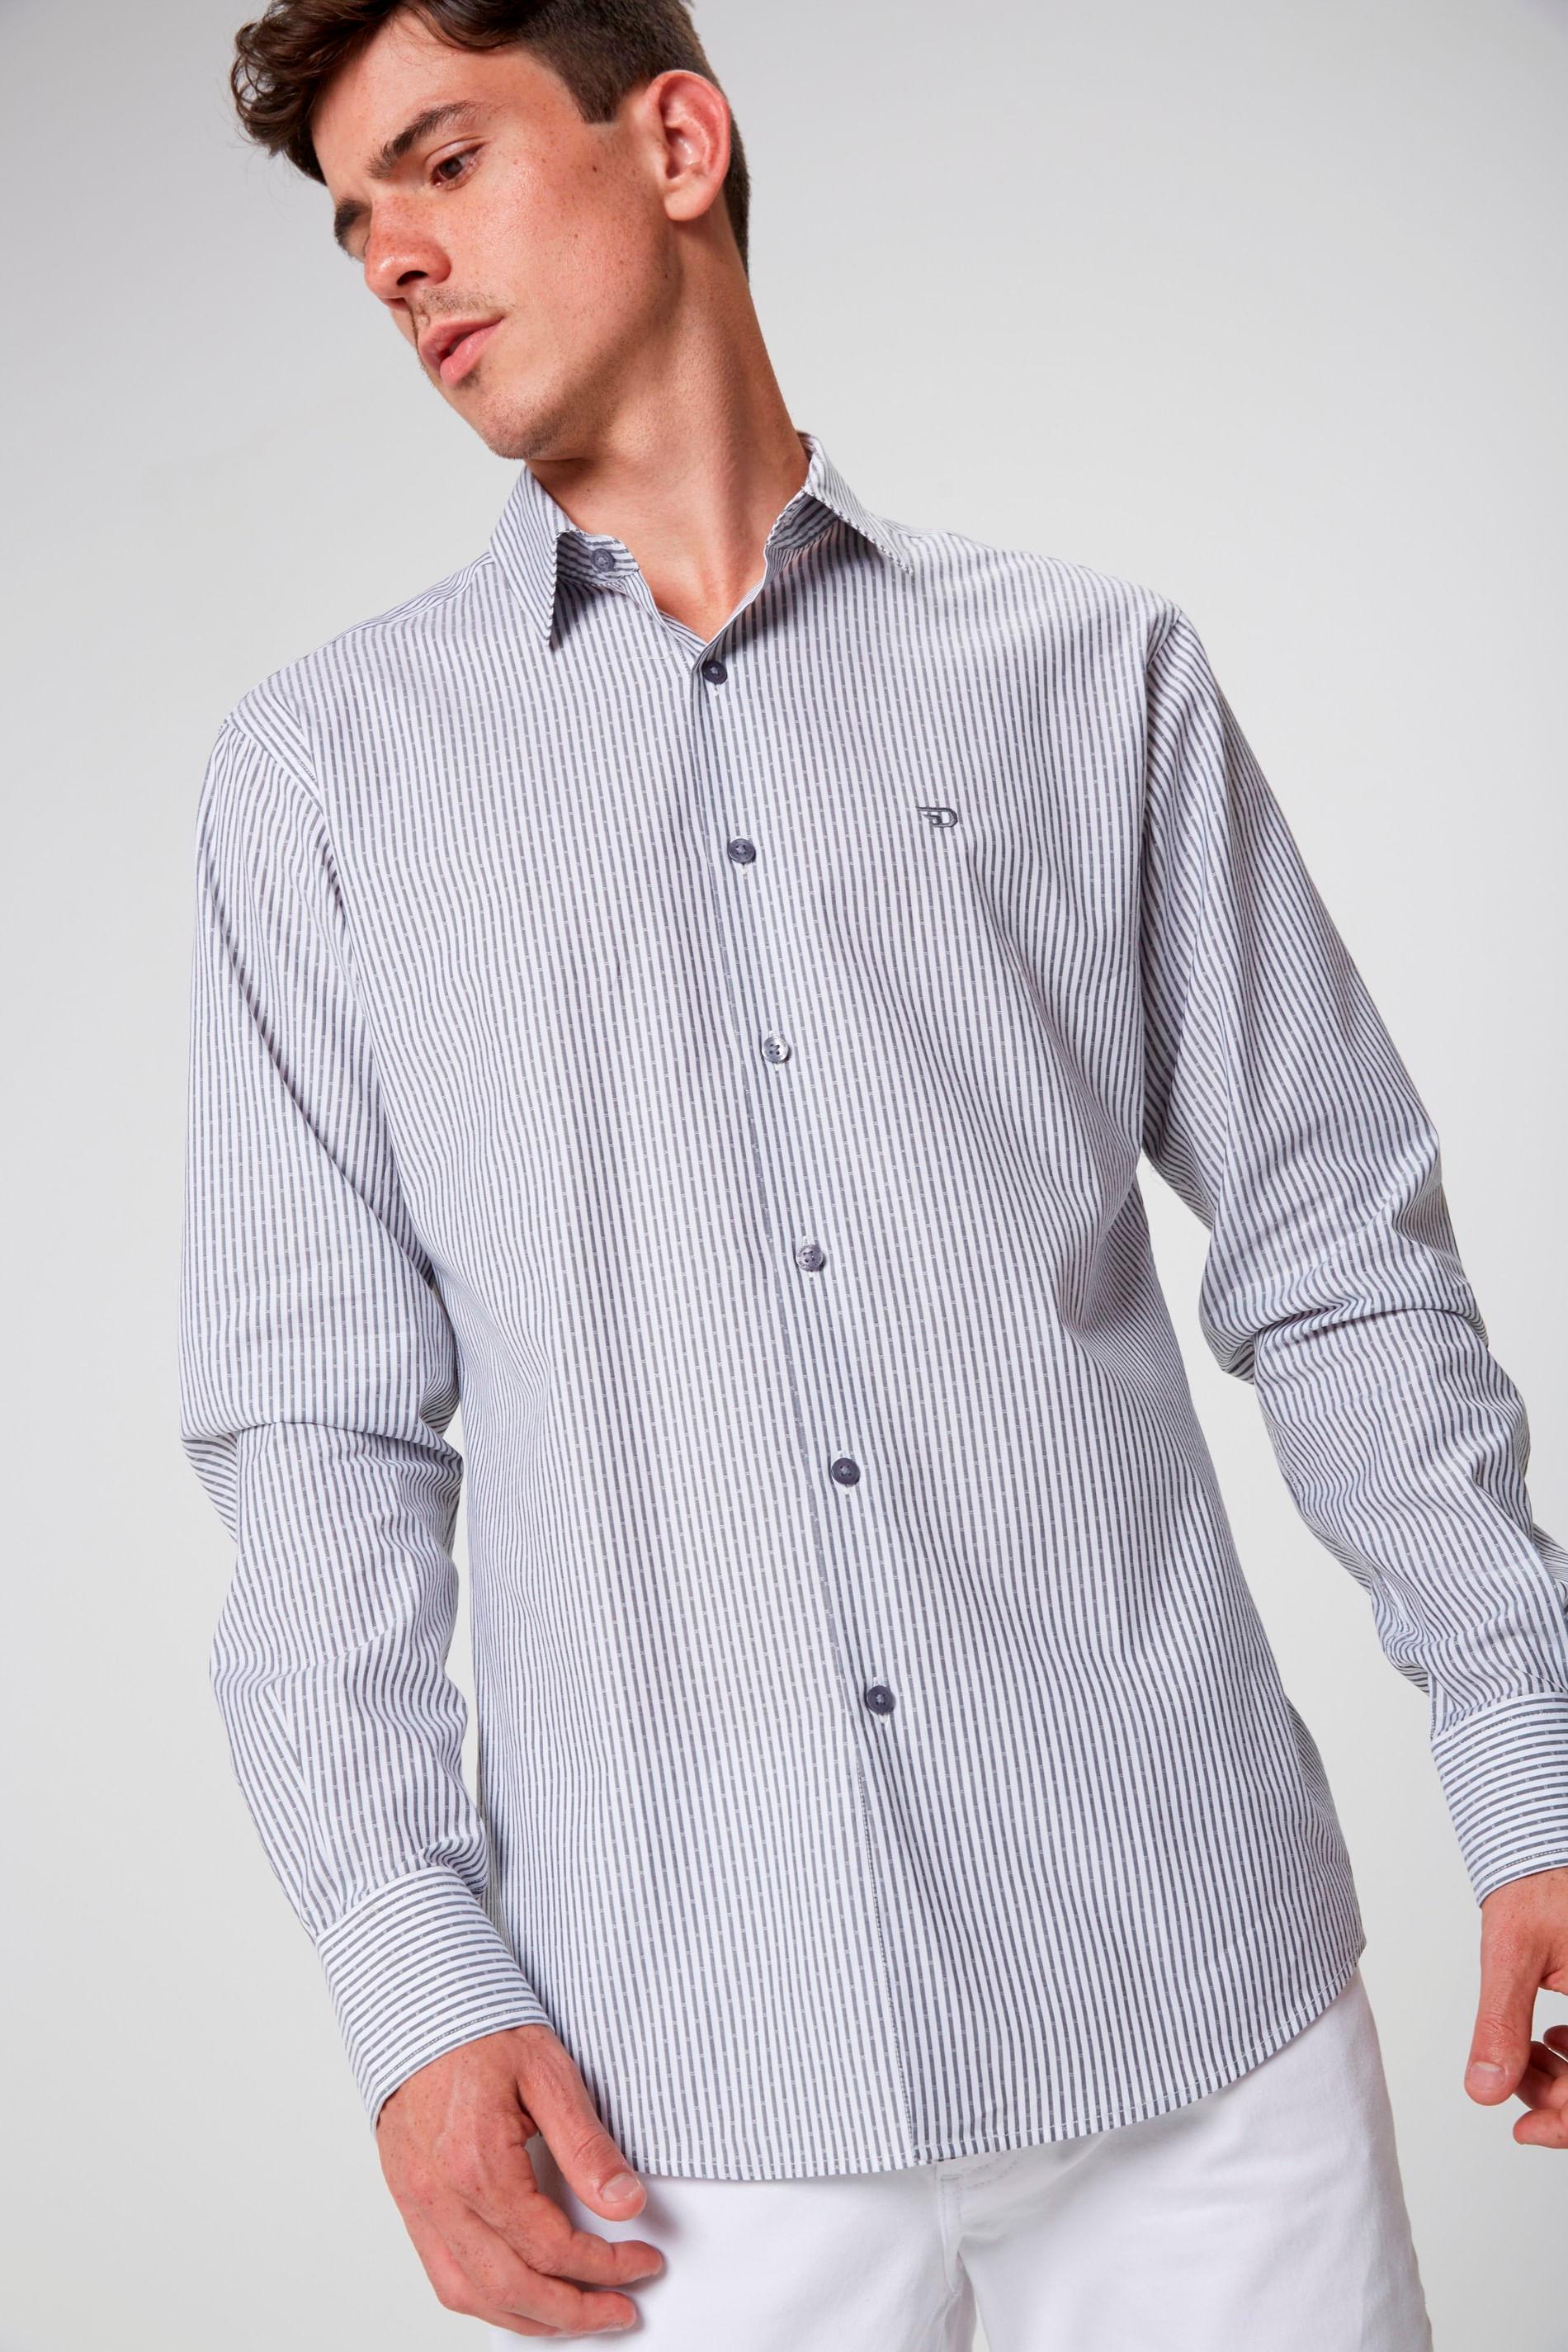 10e077da95 Camisa Social Masculina - Damyller